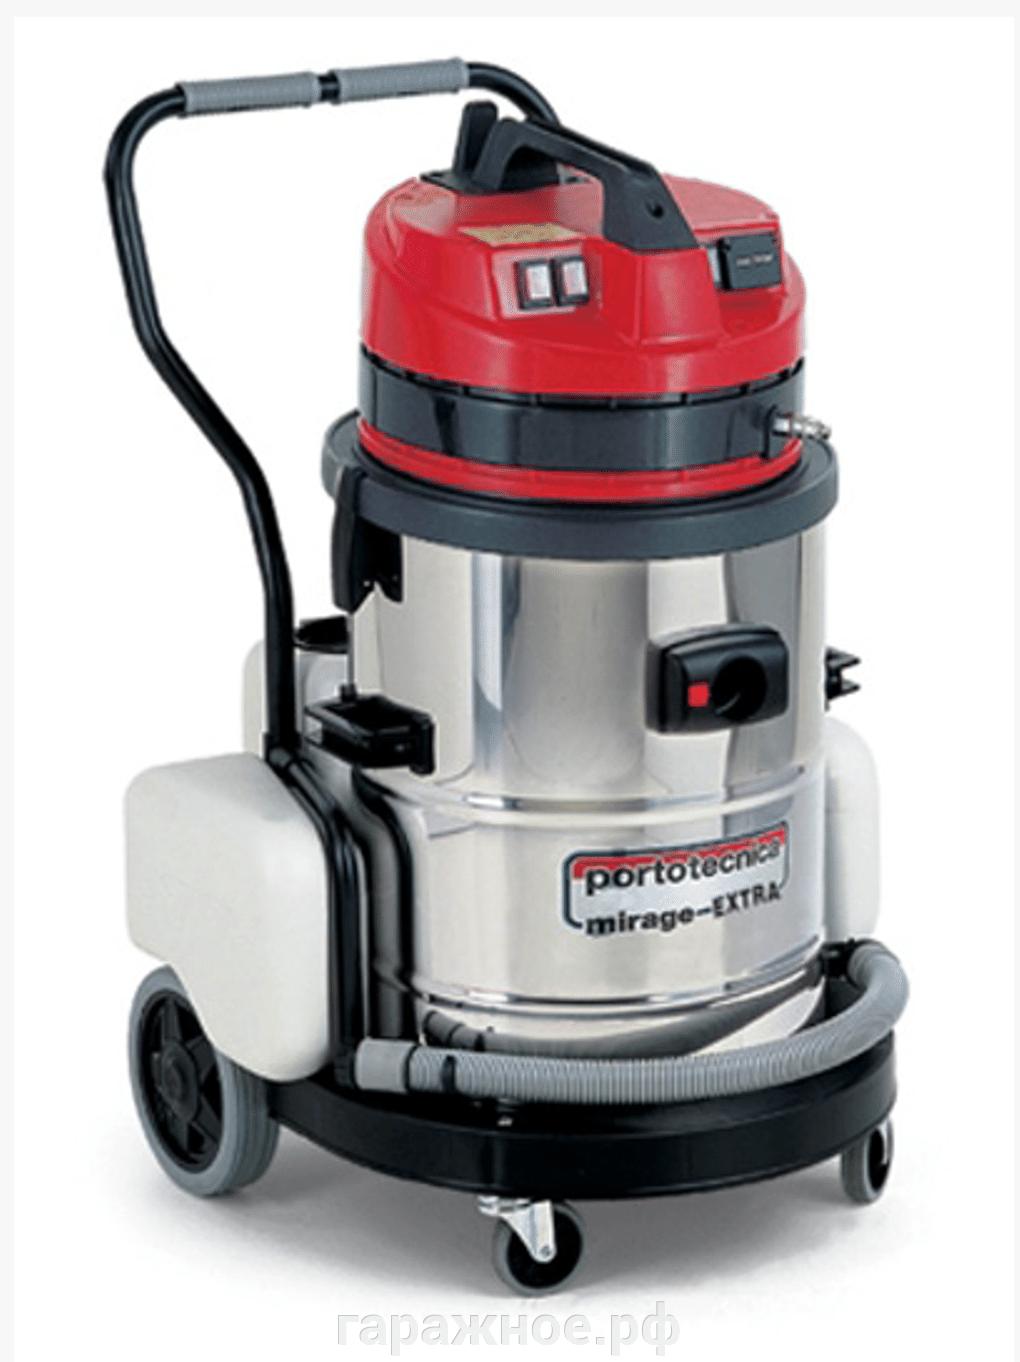 Пылесосы моющие для химчистки, парогенераторы - фото Пылесос моющий для химчистки Portotecnica PLUS 1 W 2 60 S GA MIRAGE EXTRA MAX